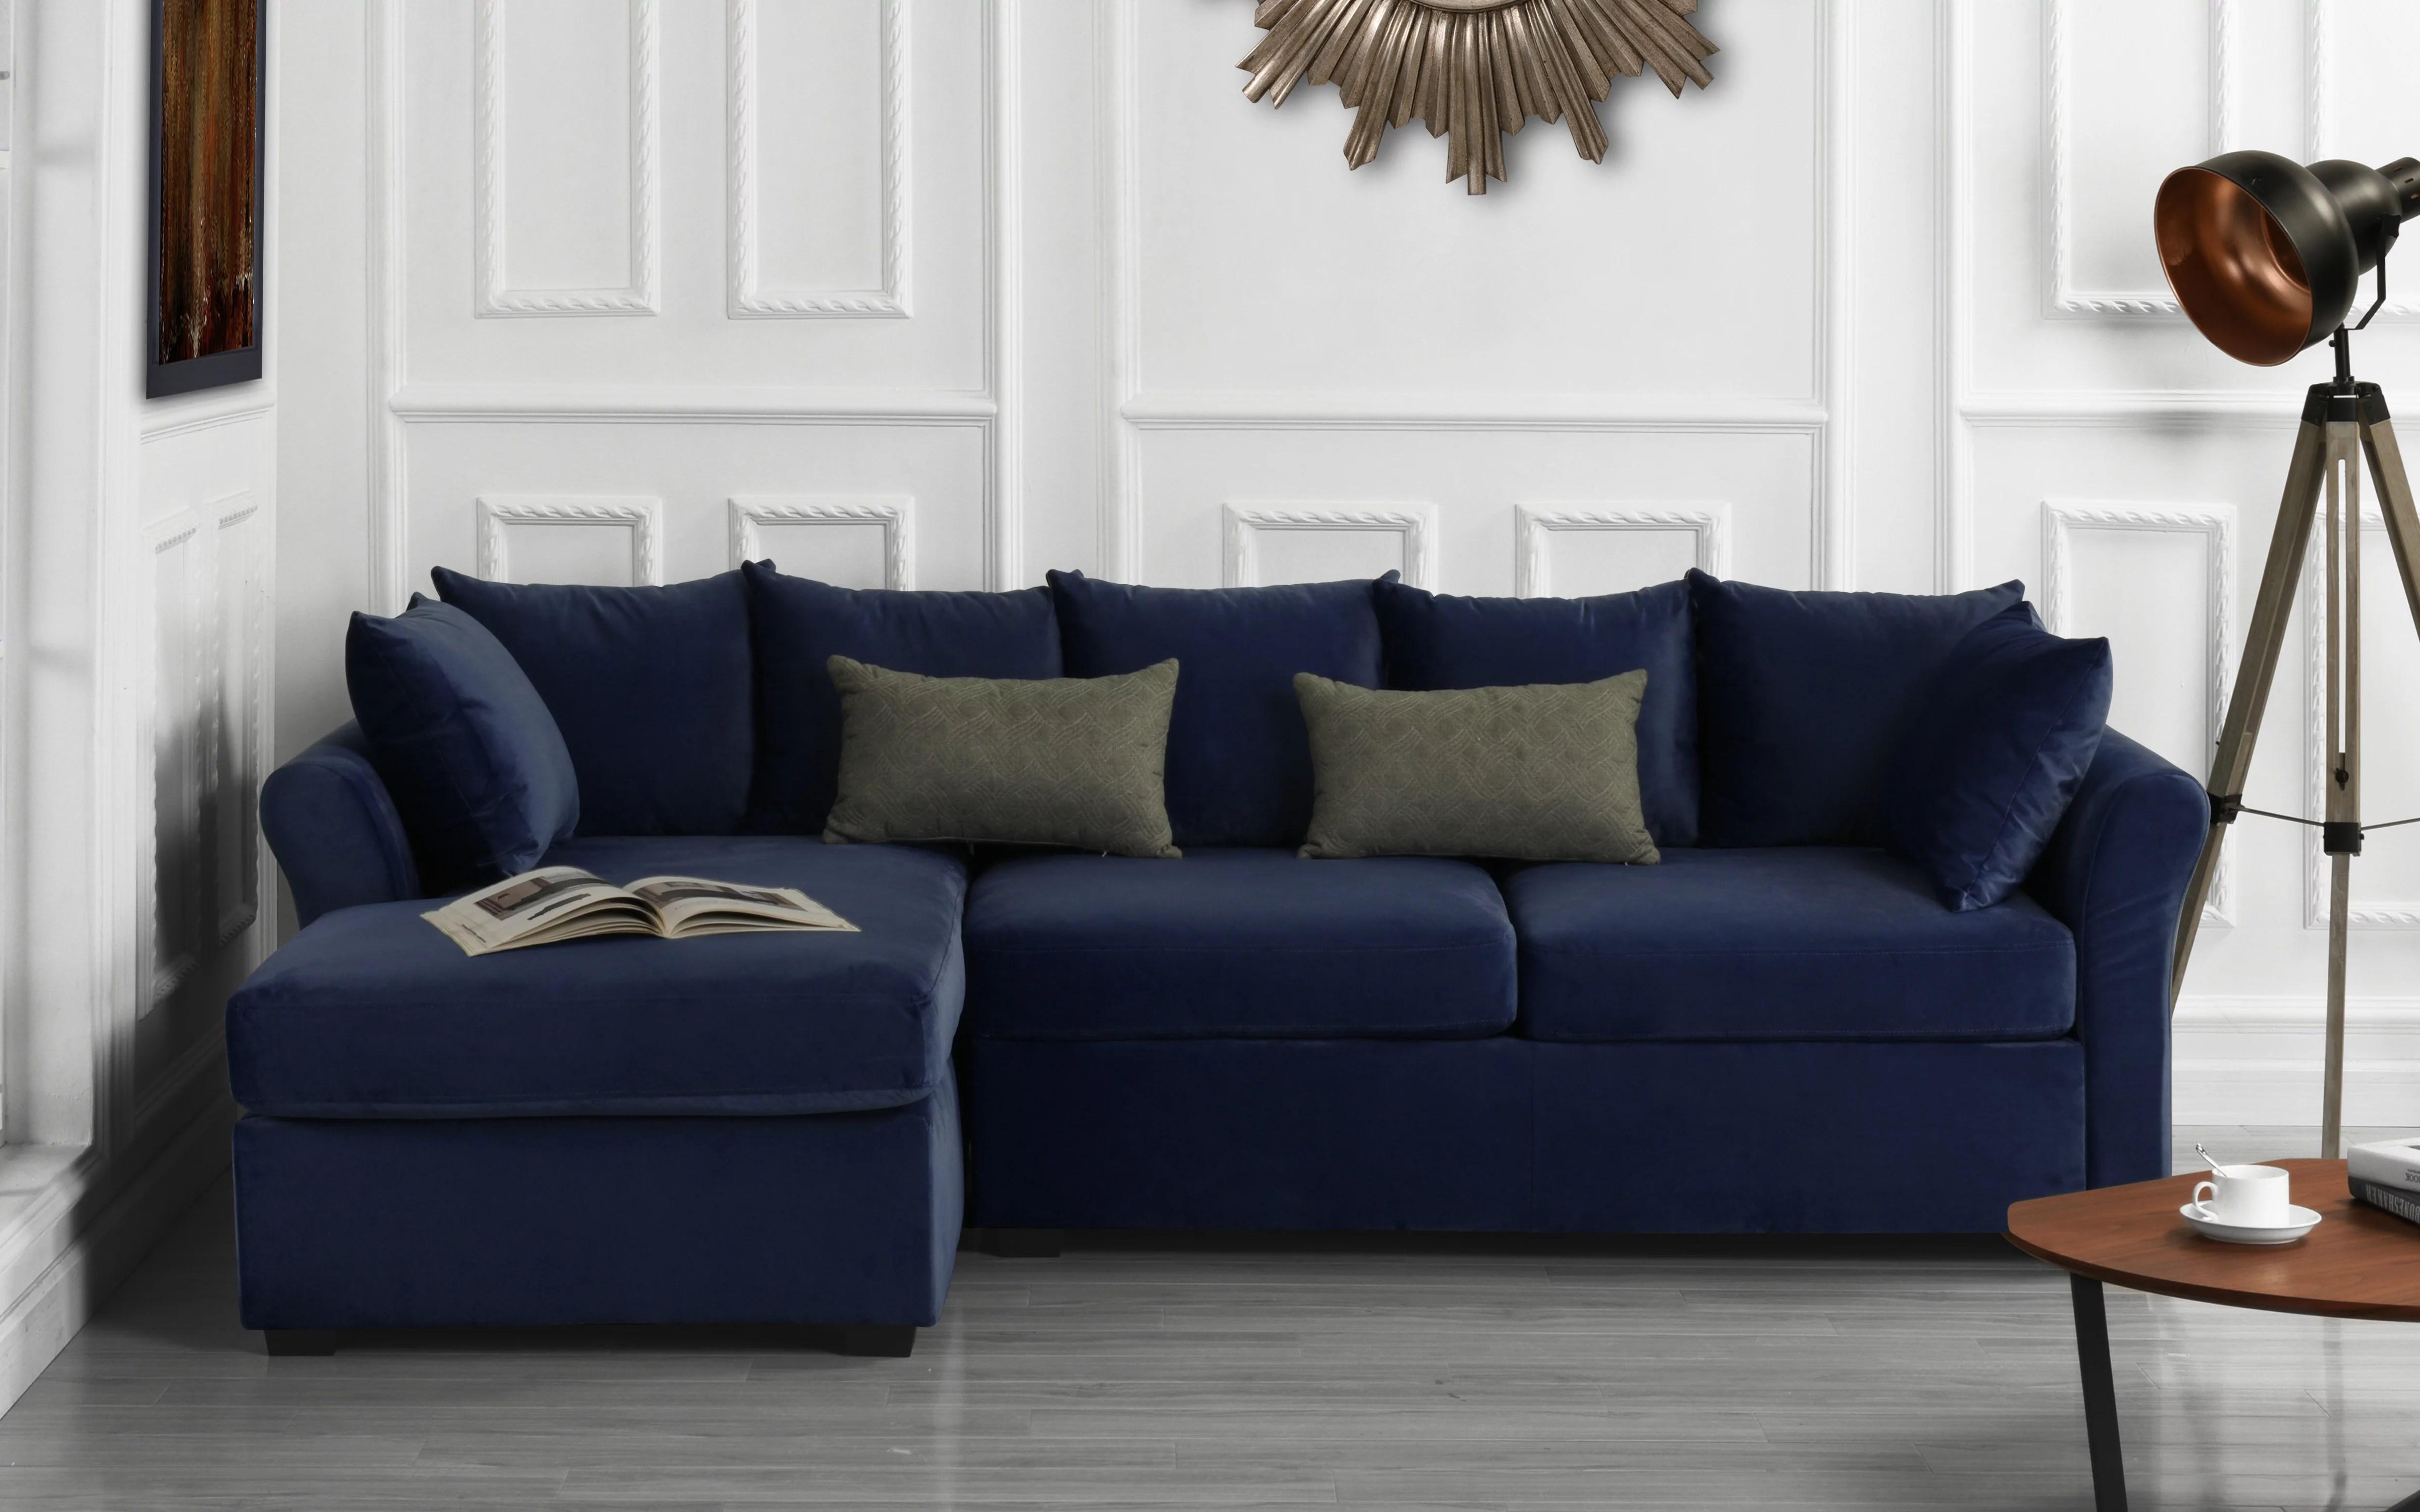 modern home large microfiber velvet sectional sofa navy